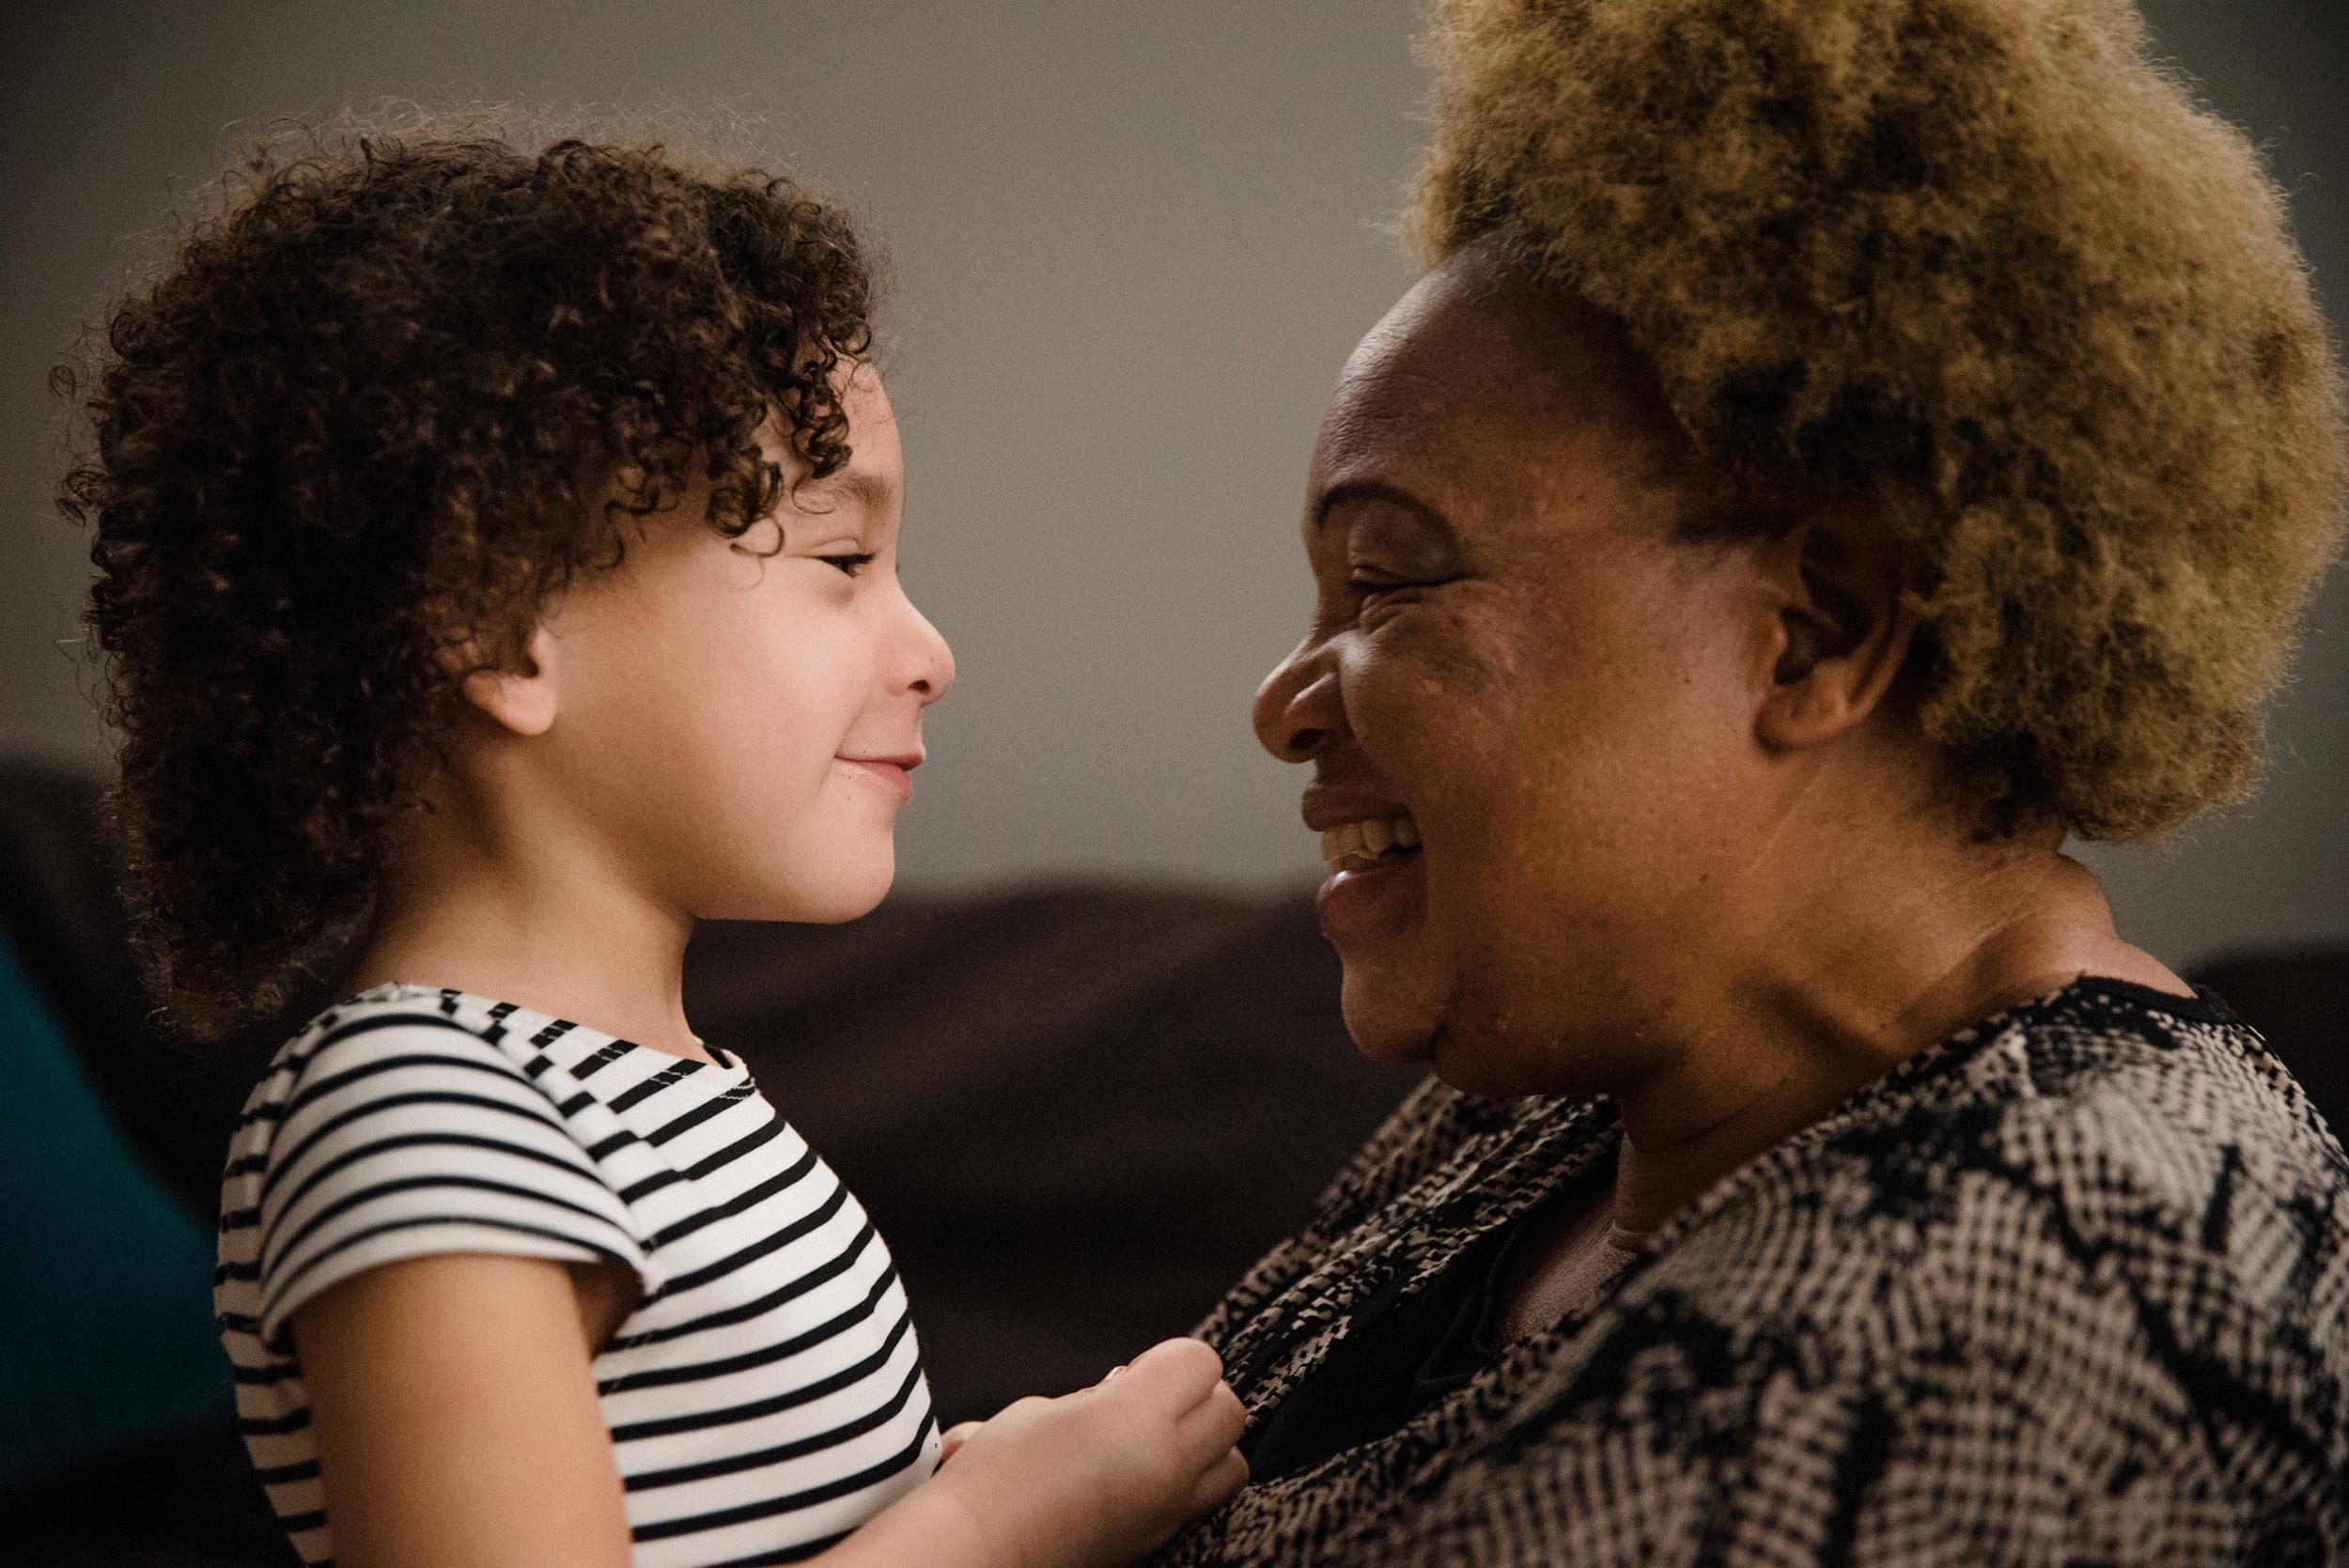 photo-d-une-petite-fille-et-sa-grand-maman-venue-dafrique-photographe-de-famille-a-montreal-marianne-charland-347.jpg